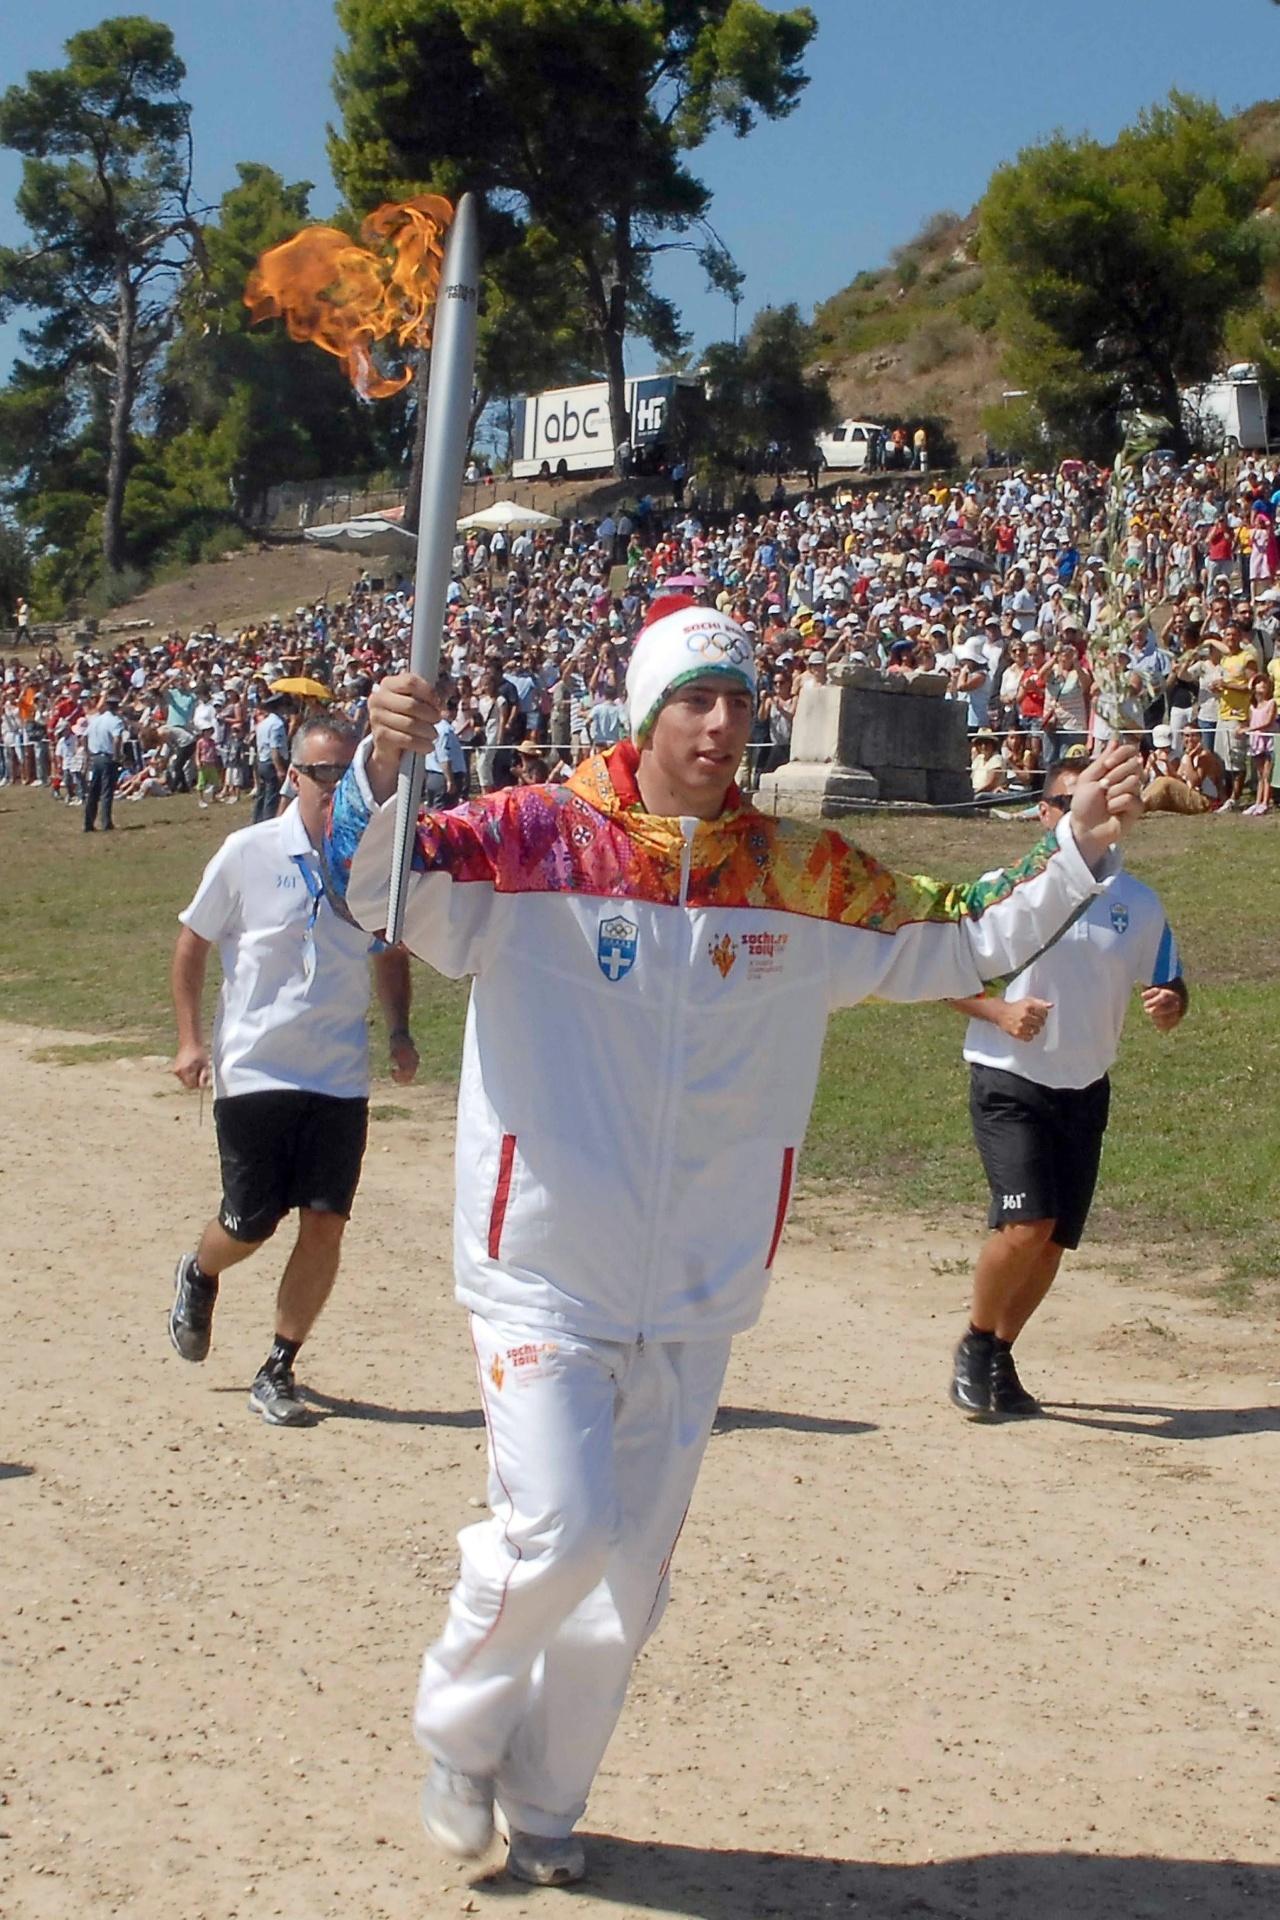 29.set.2013 - O esquiador grego, Yiannis Antoniou, foi o primeiro a carregar a tocha após cerimônia